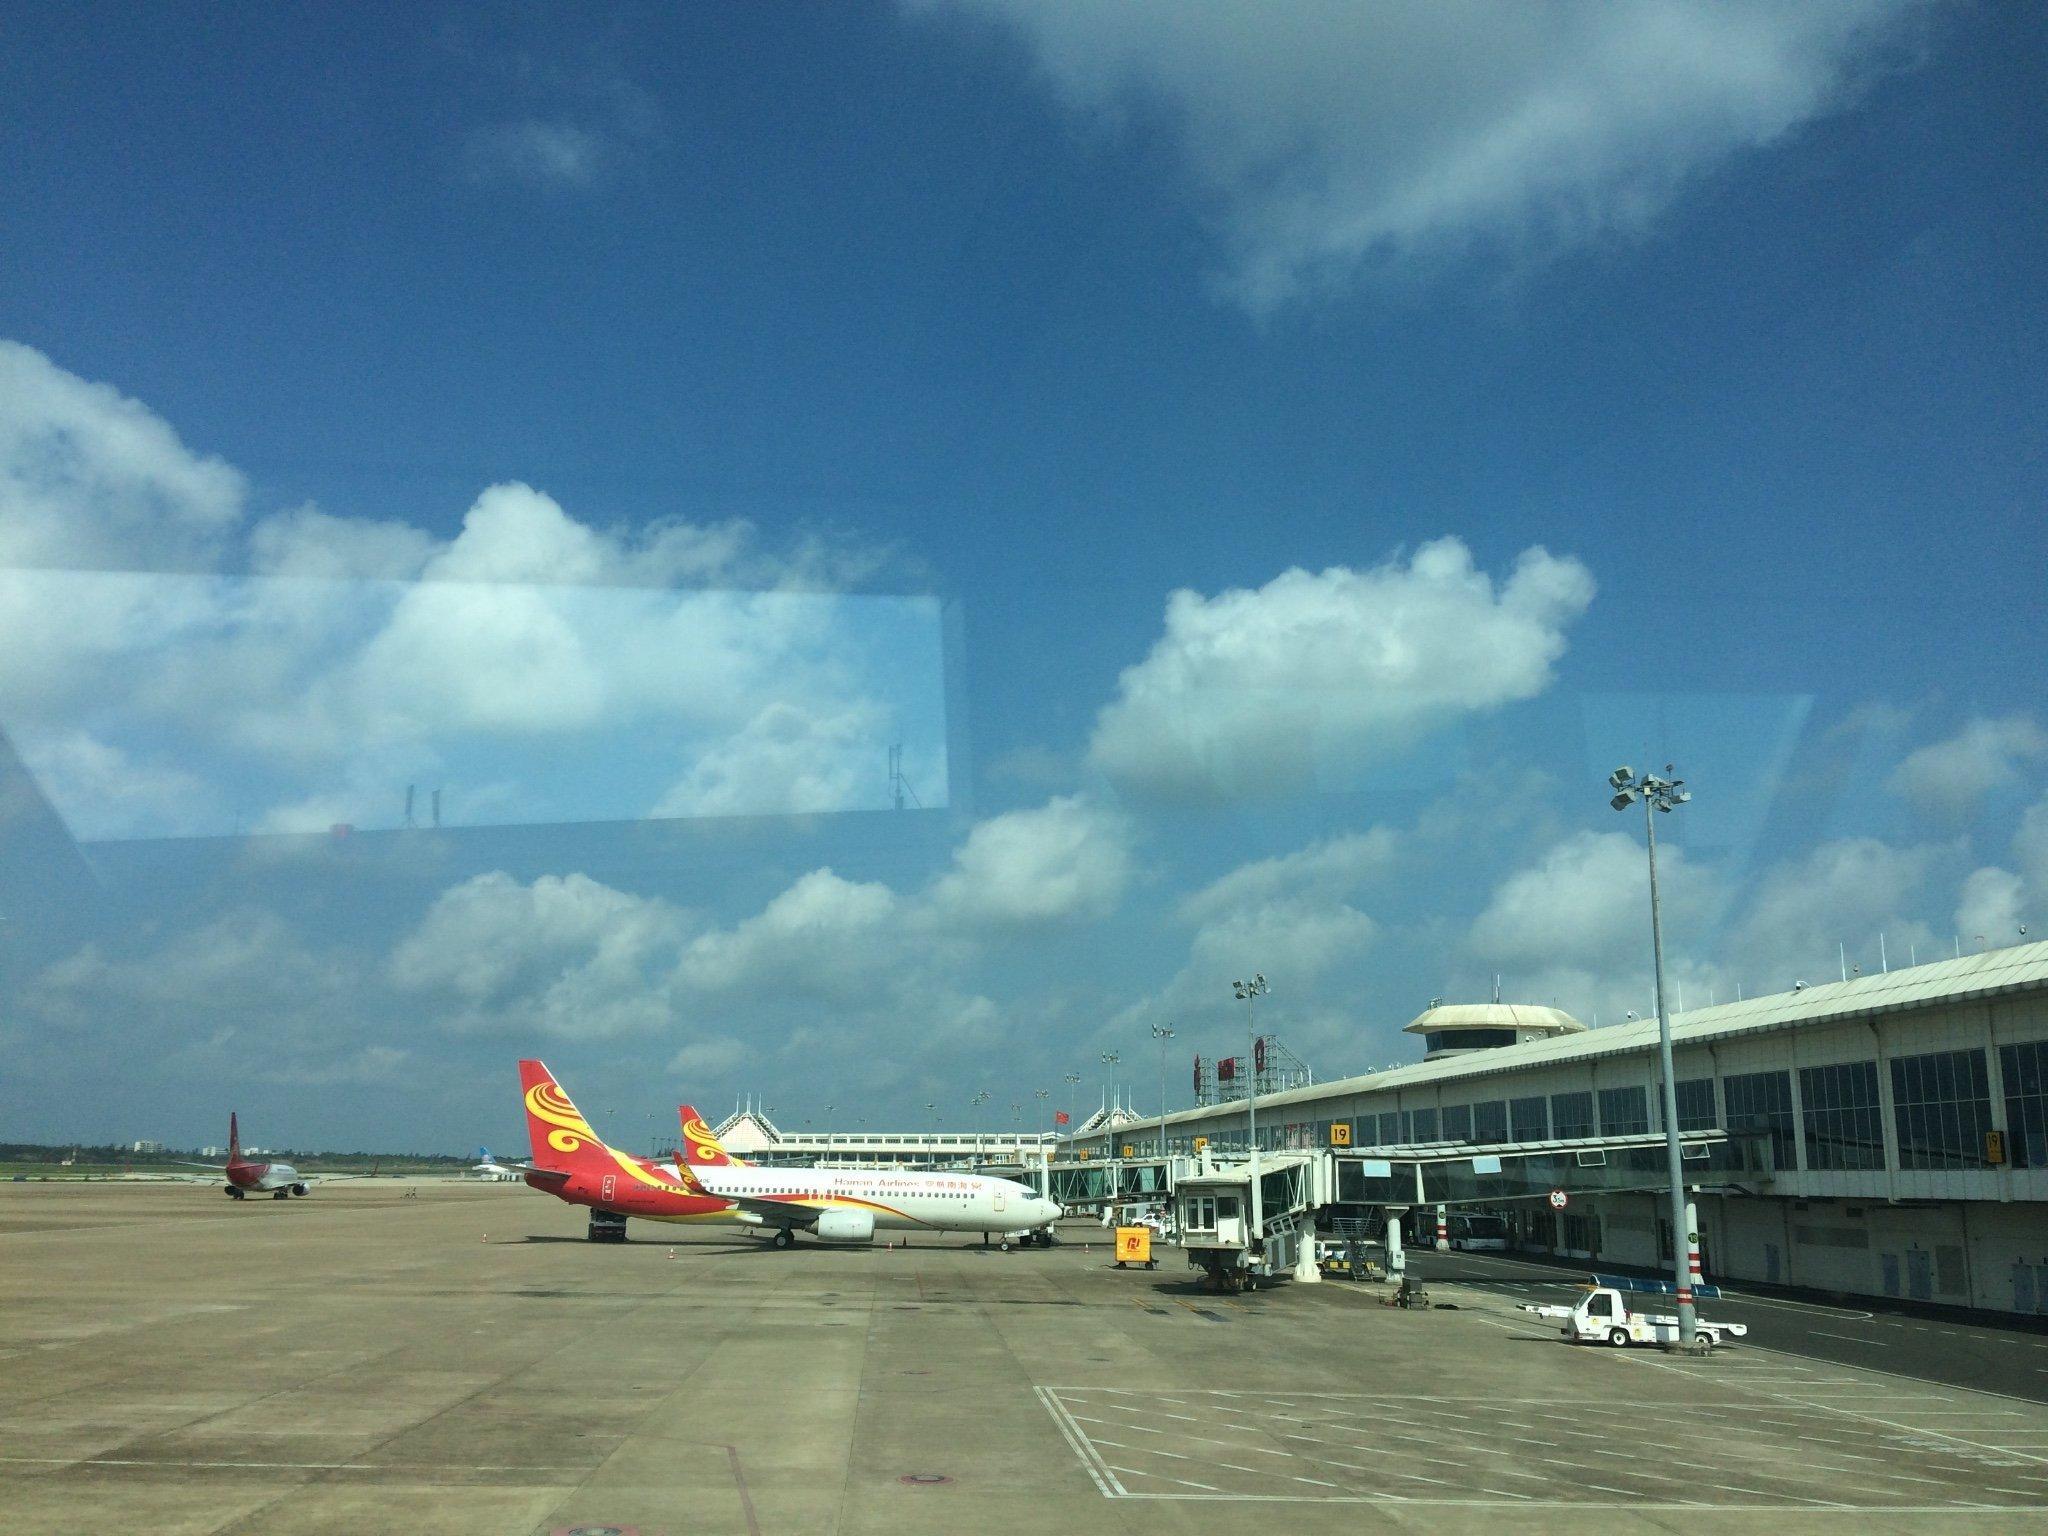 海口美兰机场_航班10点左右到达海口美兰国际机场下飞机的路上手机随手拍了一张此刻